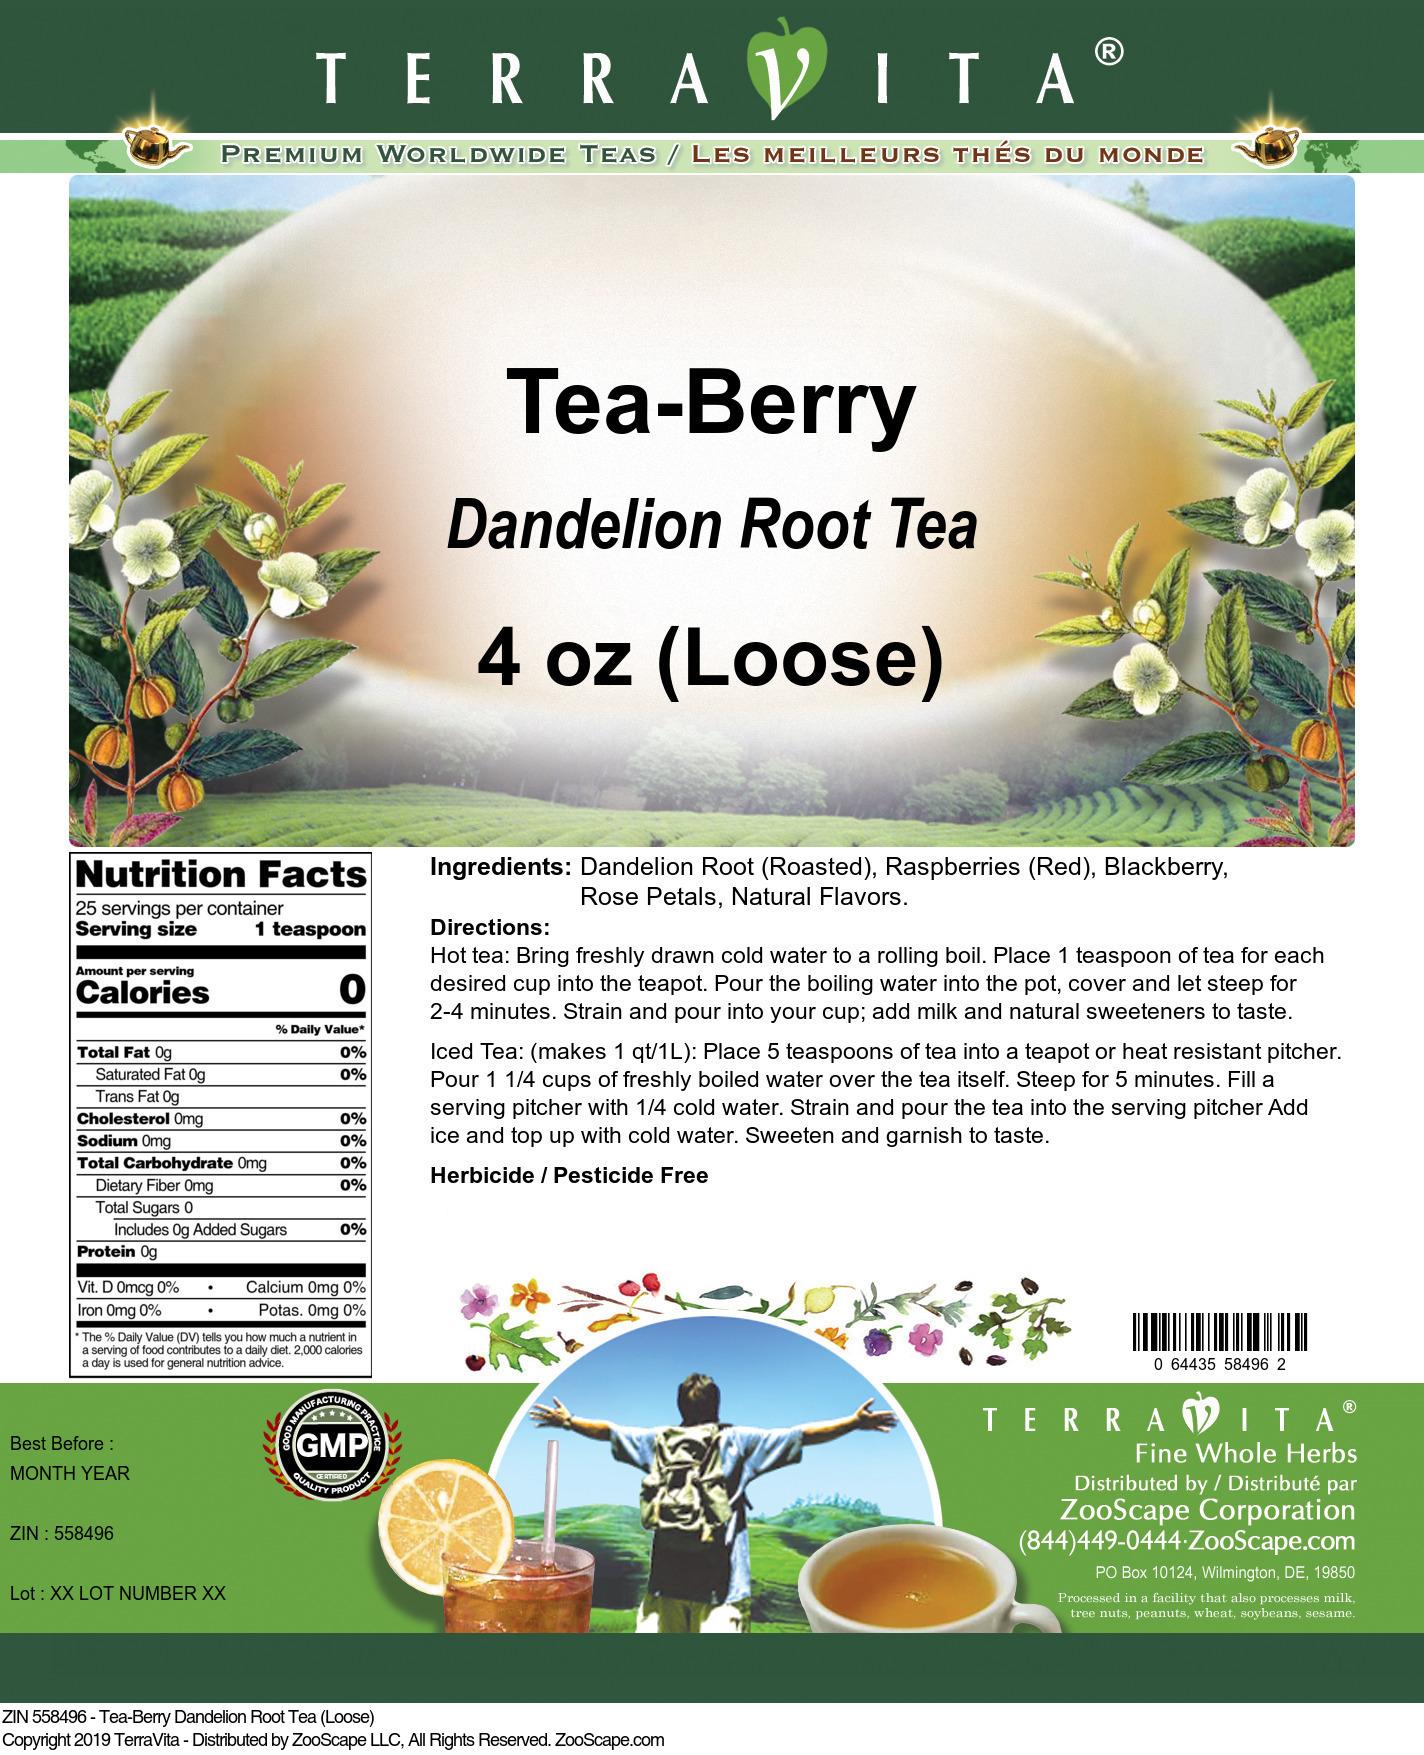 Tea-Berry Dandelion Root